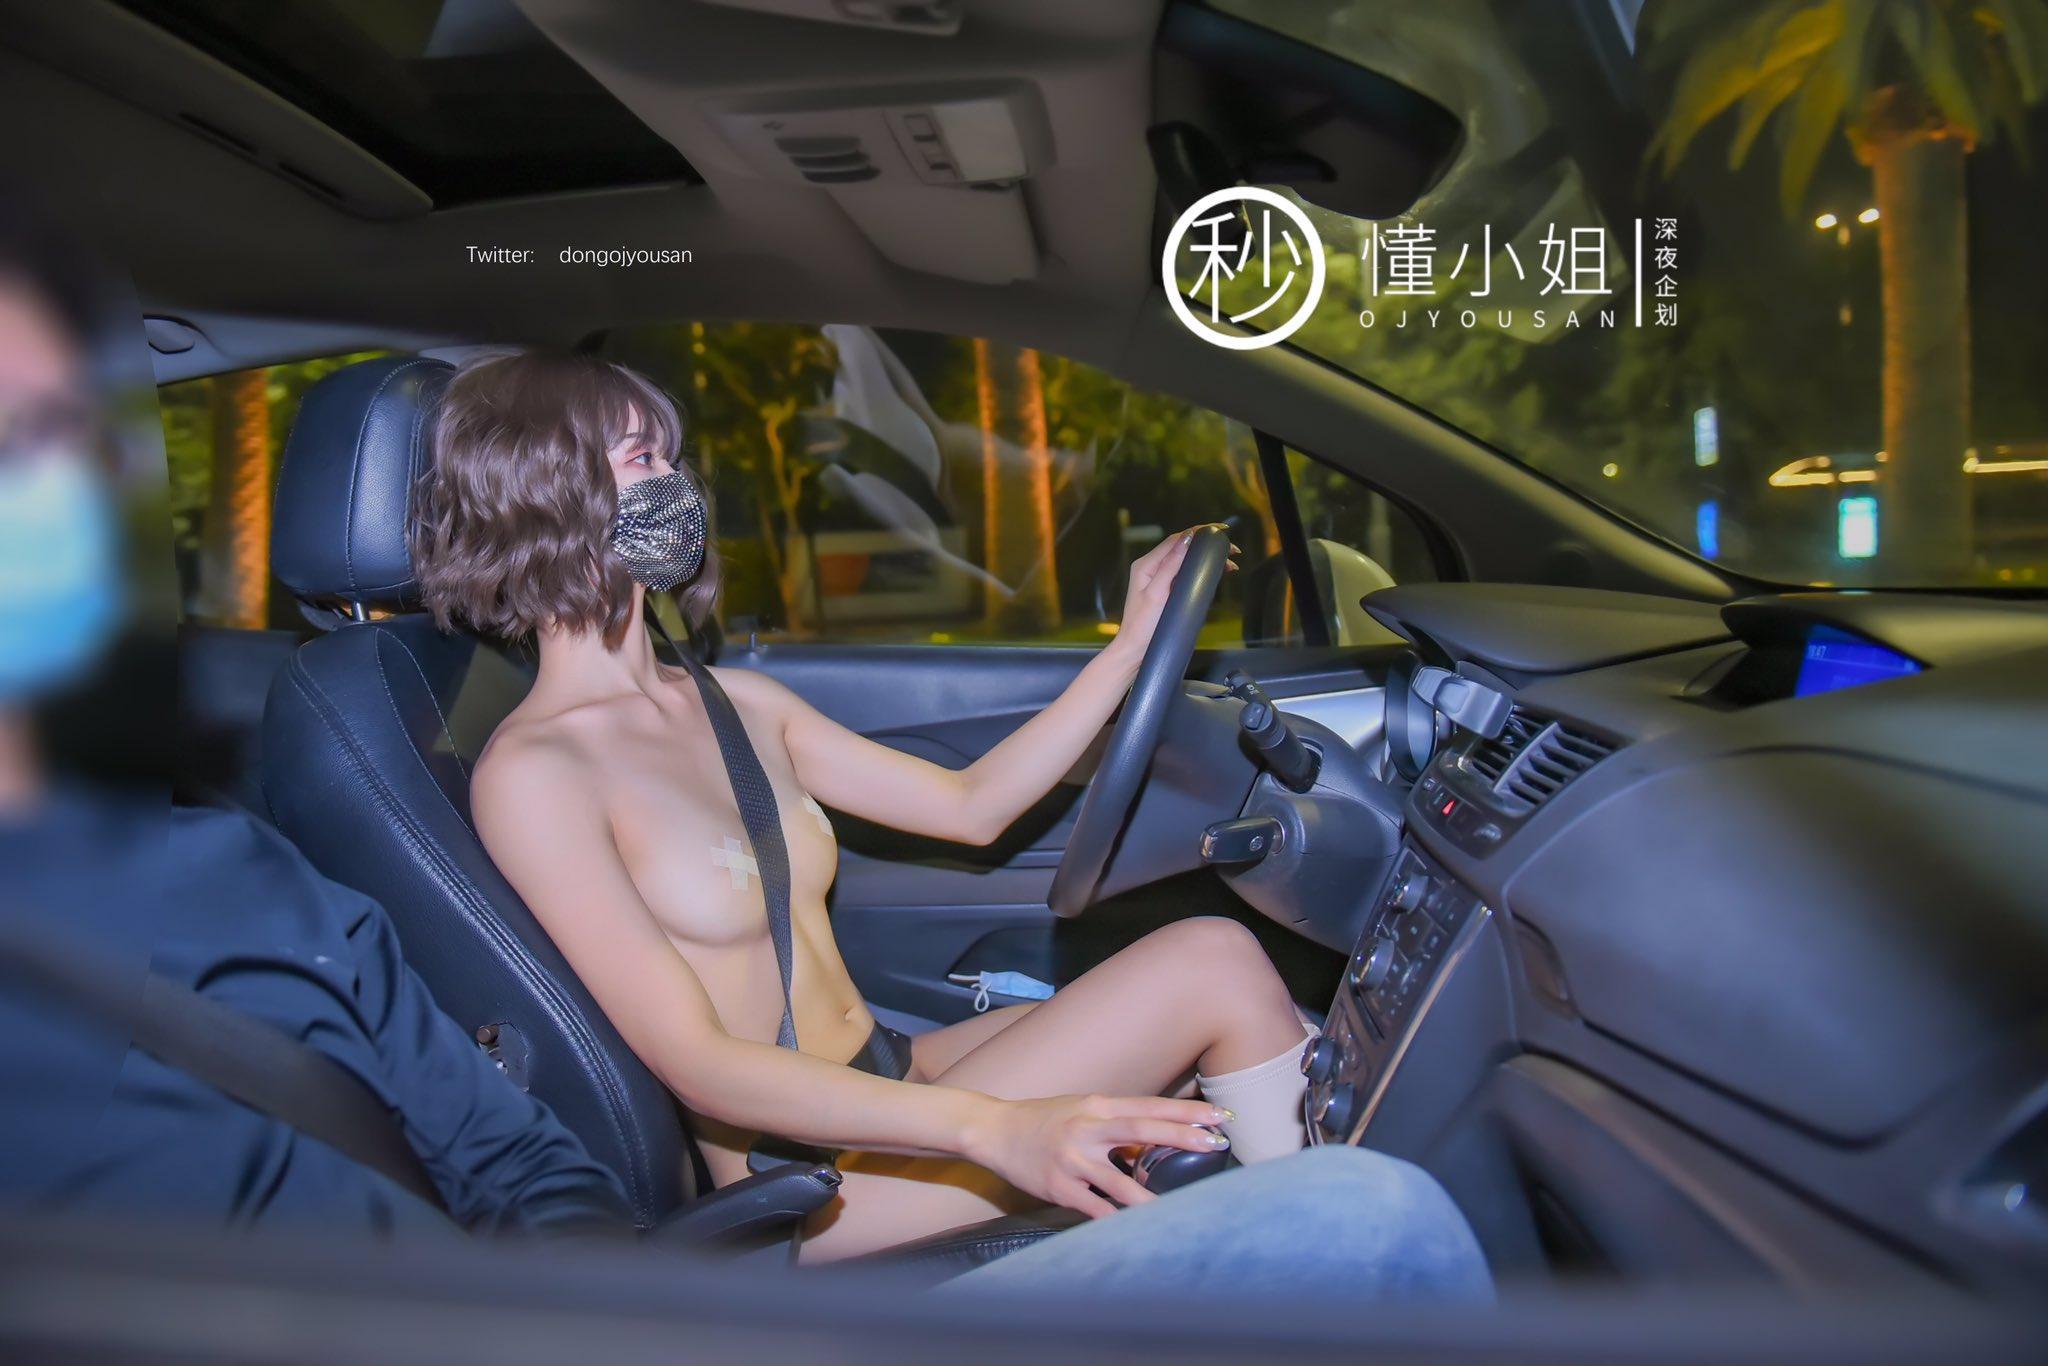 【上車】18禁網紅《懂小姐》上街裸拍沒在怕!各種乾爹任務挑戰極限露出!